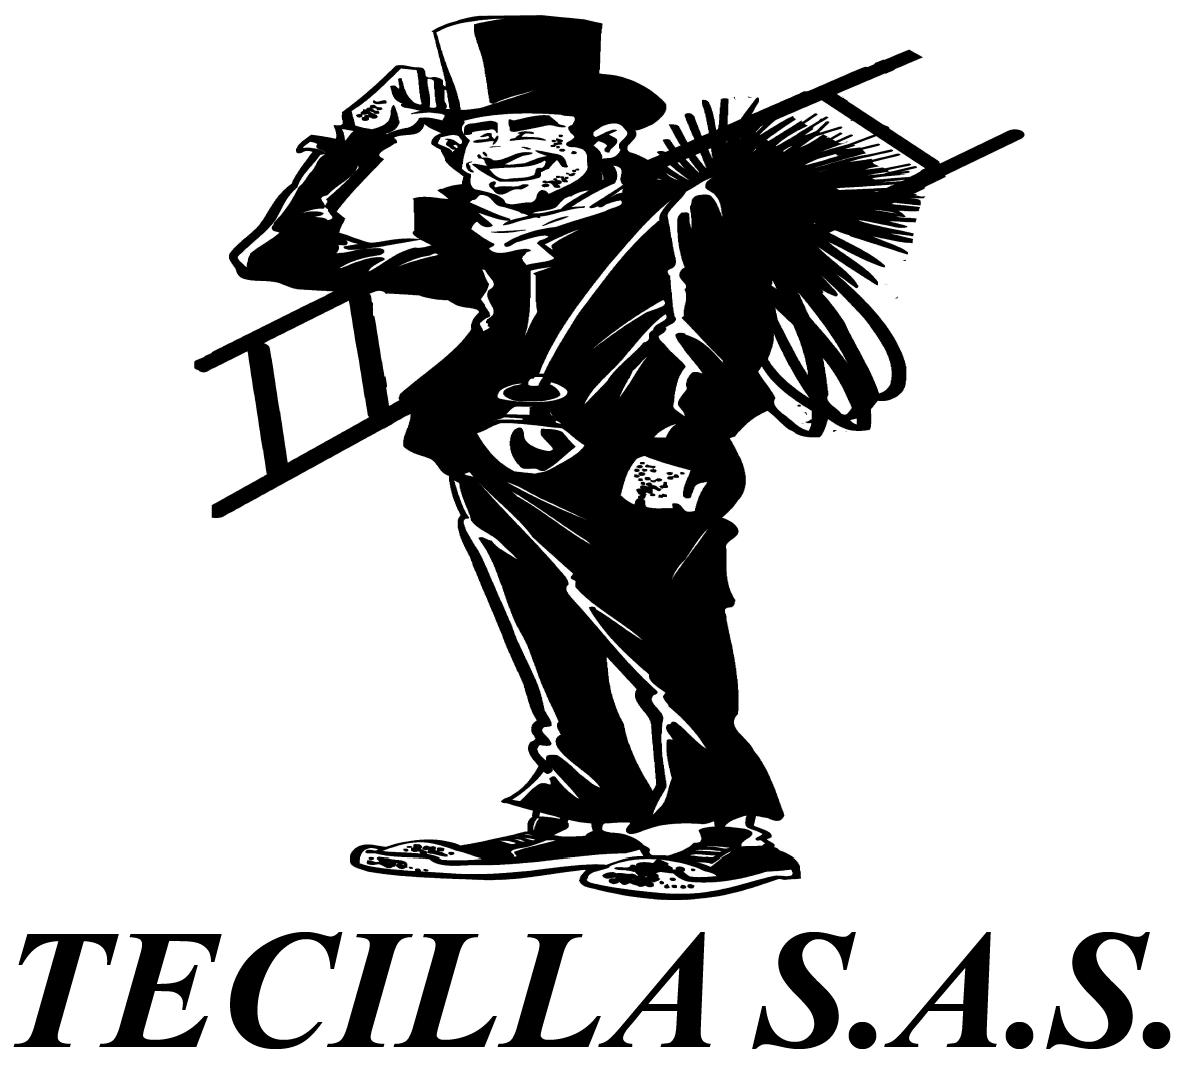 Tecilla